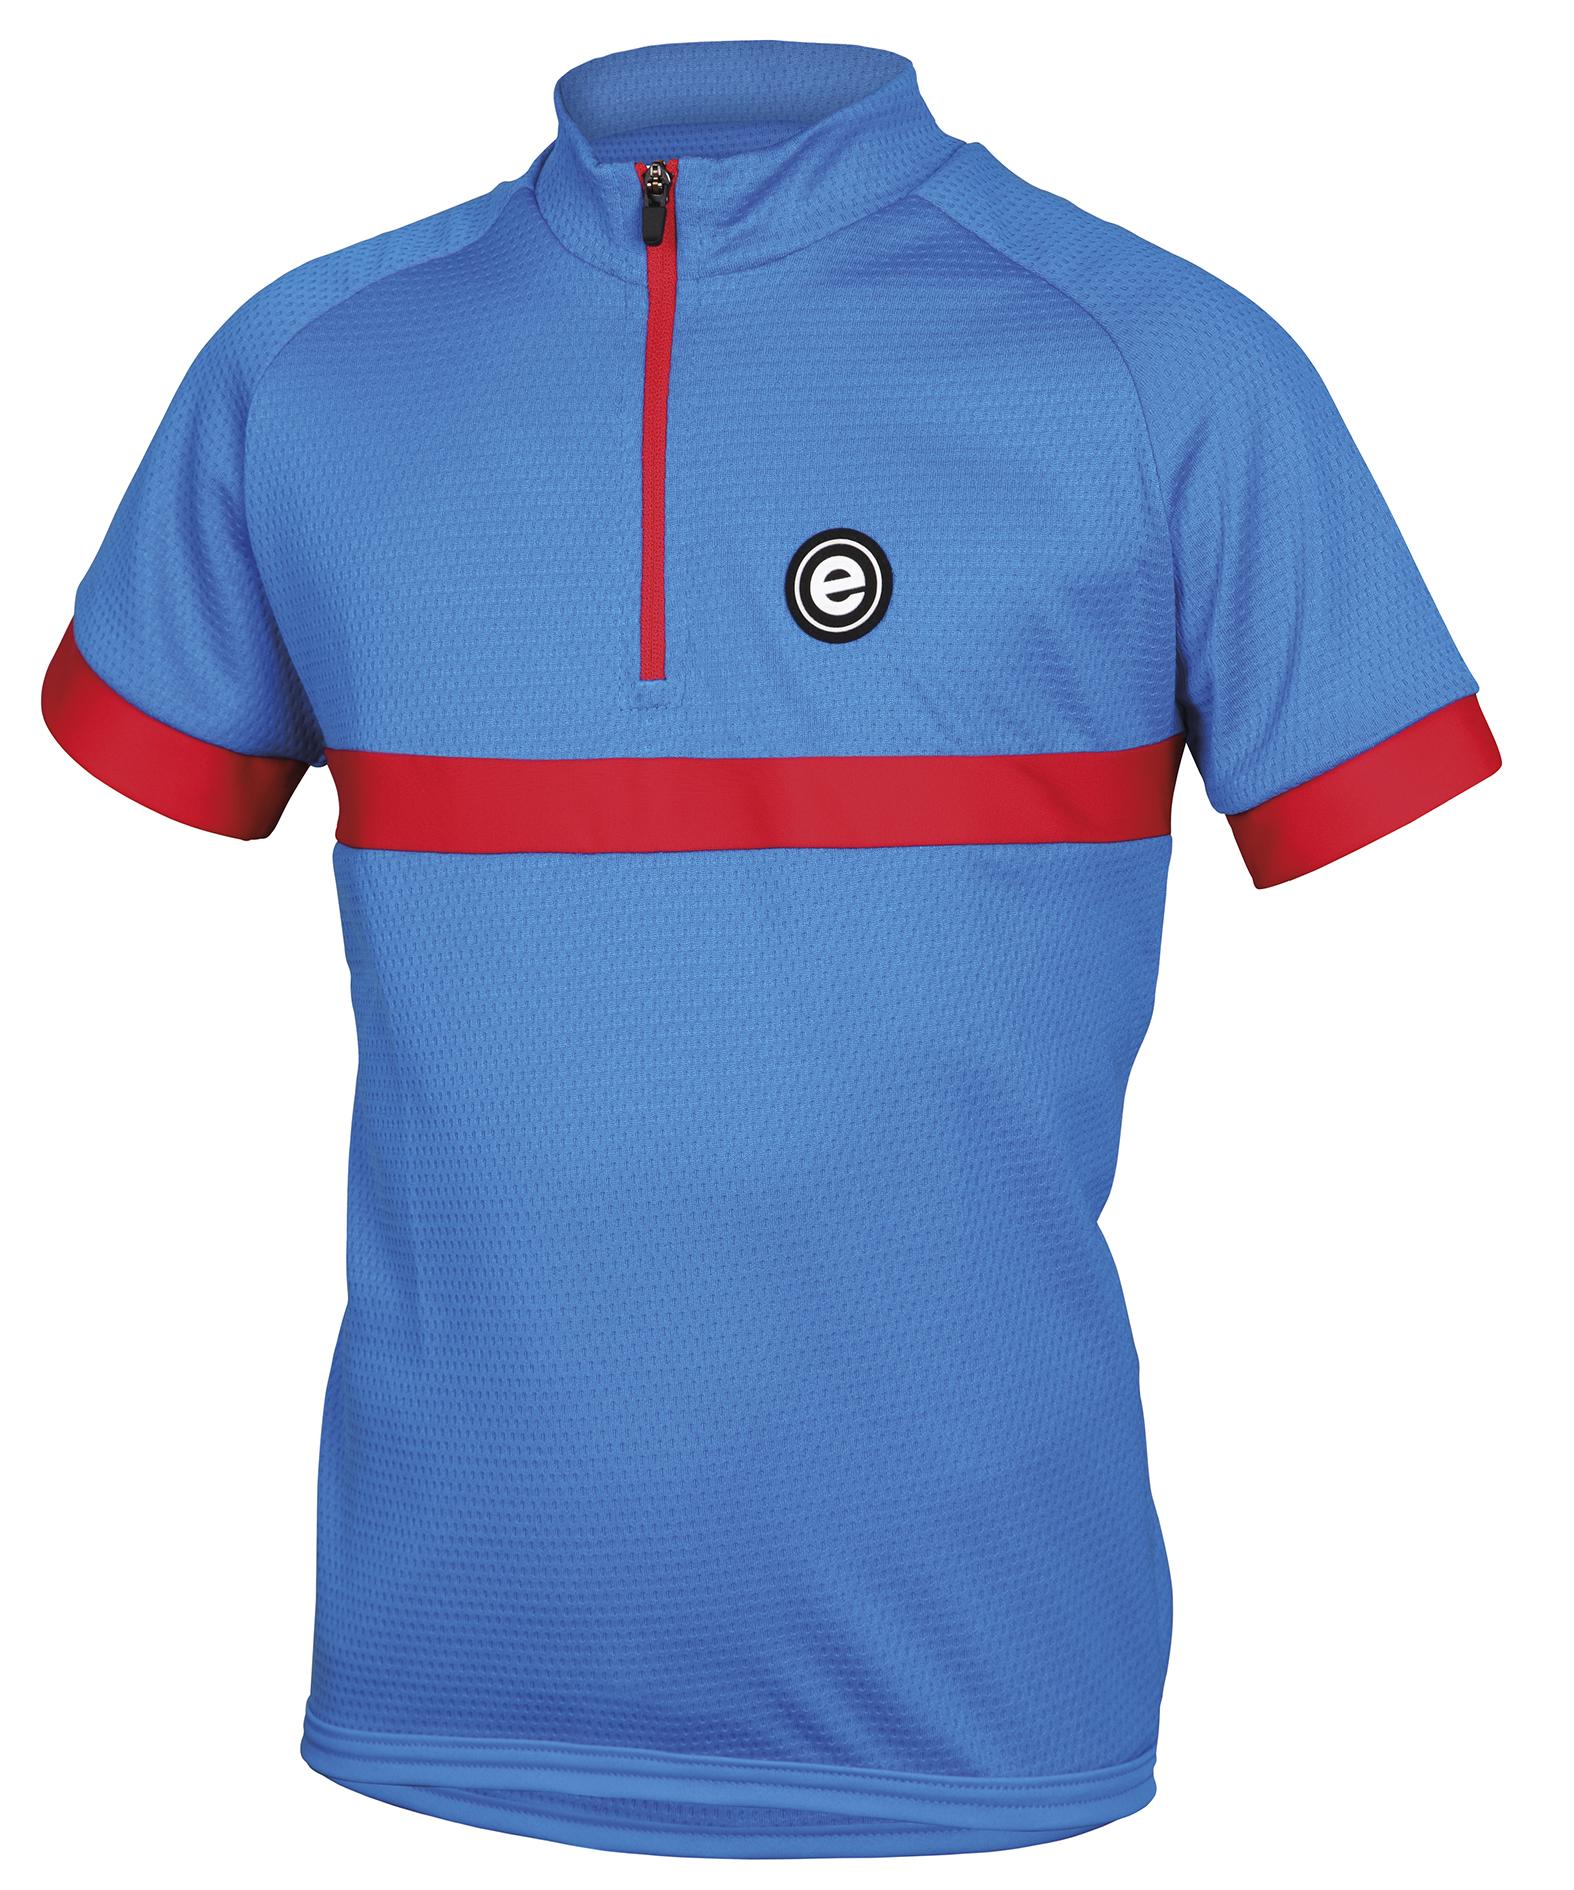 Dětský cyklistický dres ETAPE Bambino, 152/158, modrá/červená, model 2017 (Dětský dres Etape, přední zip)